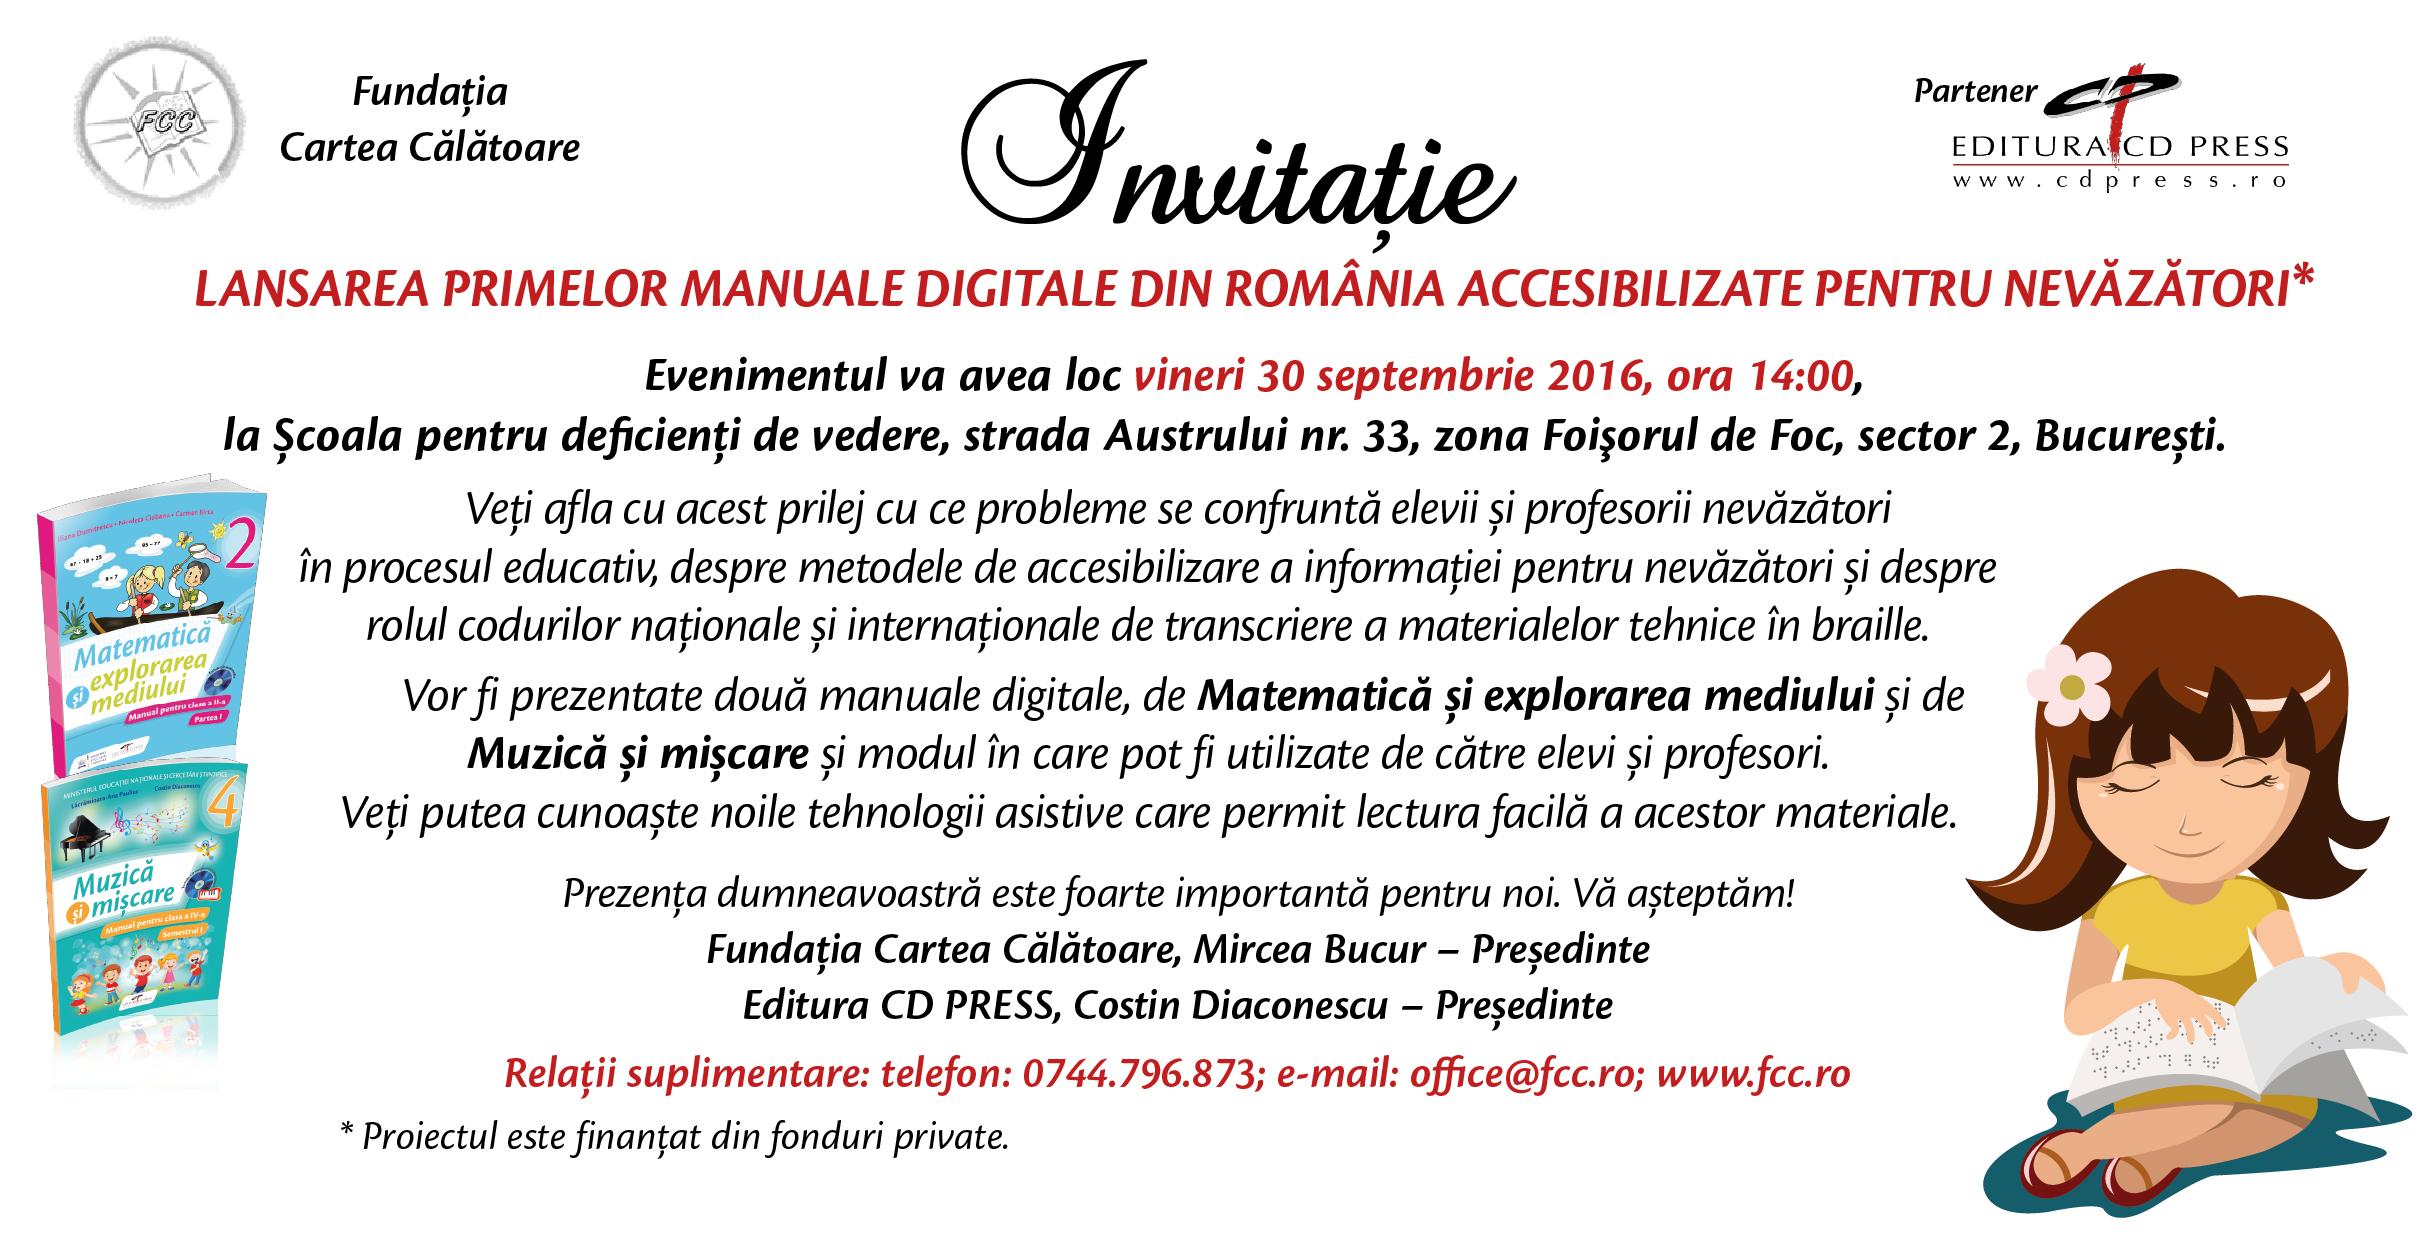 invitatie_eveniment_cartea-calatoare